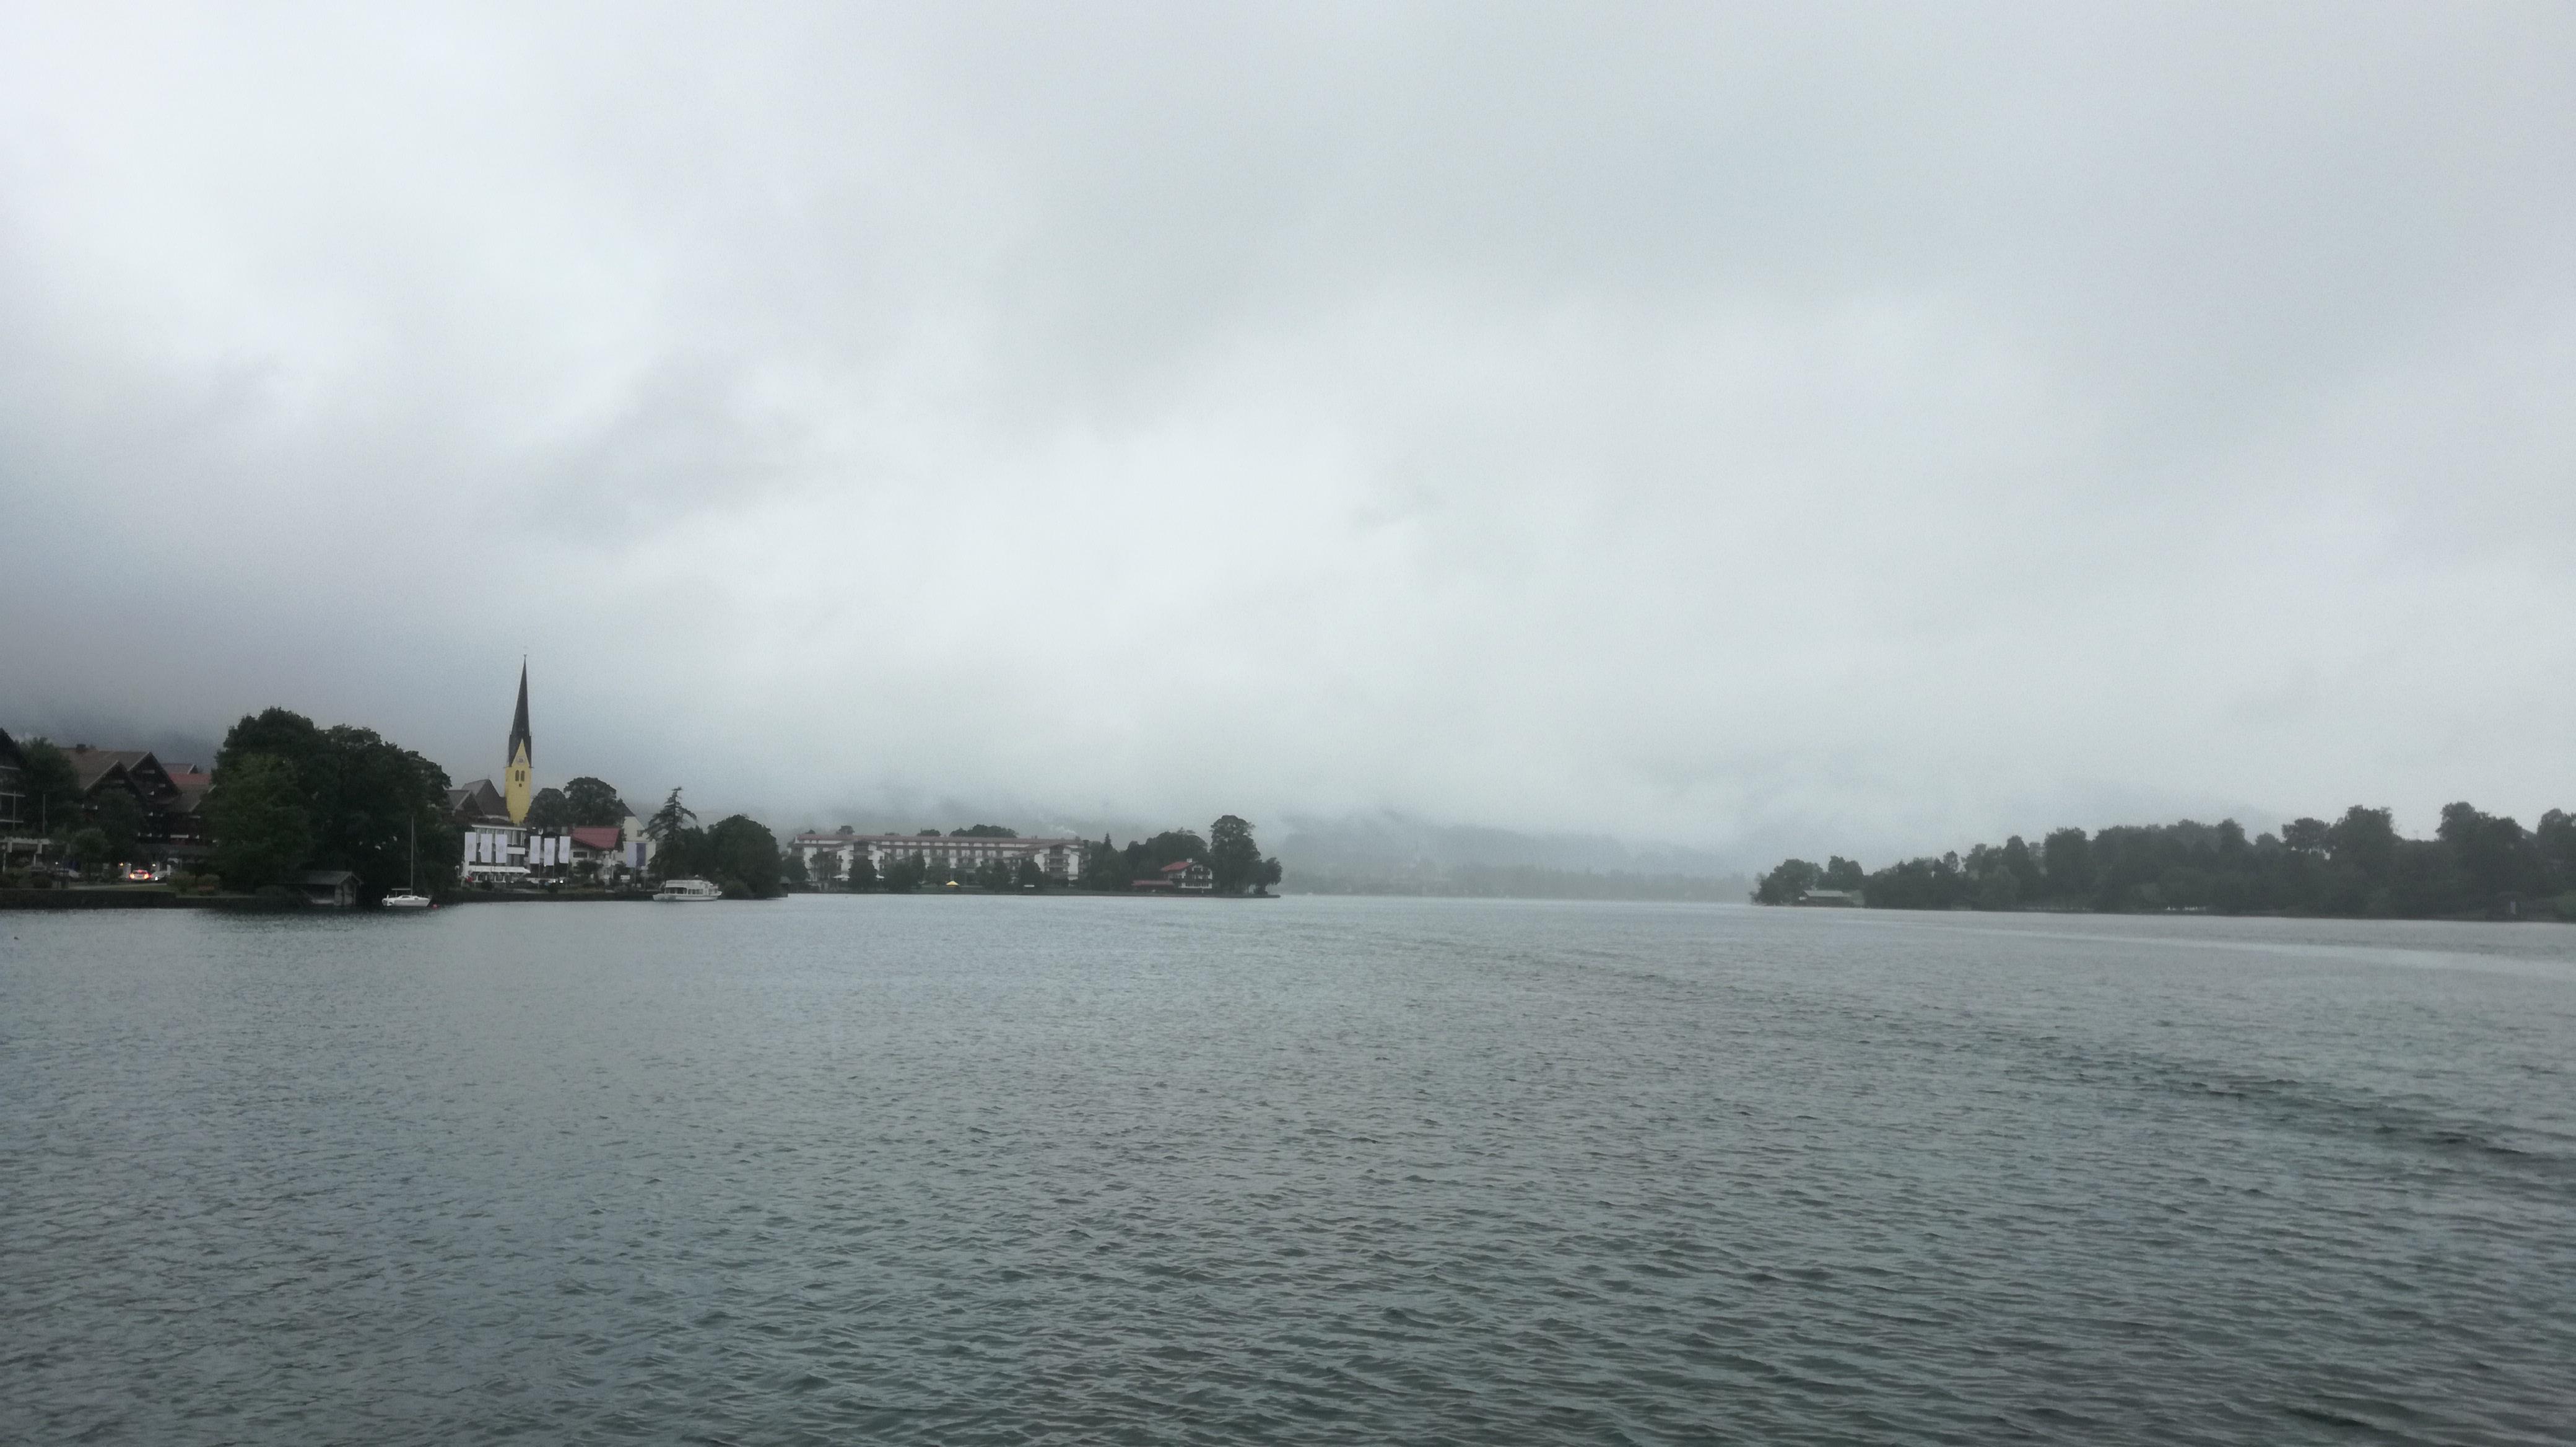 Blick über die lange Seite von Tegernsee Richtung Gmund |Johannes Ulrich Gehrke